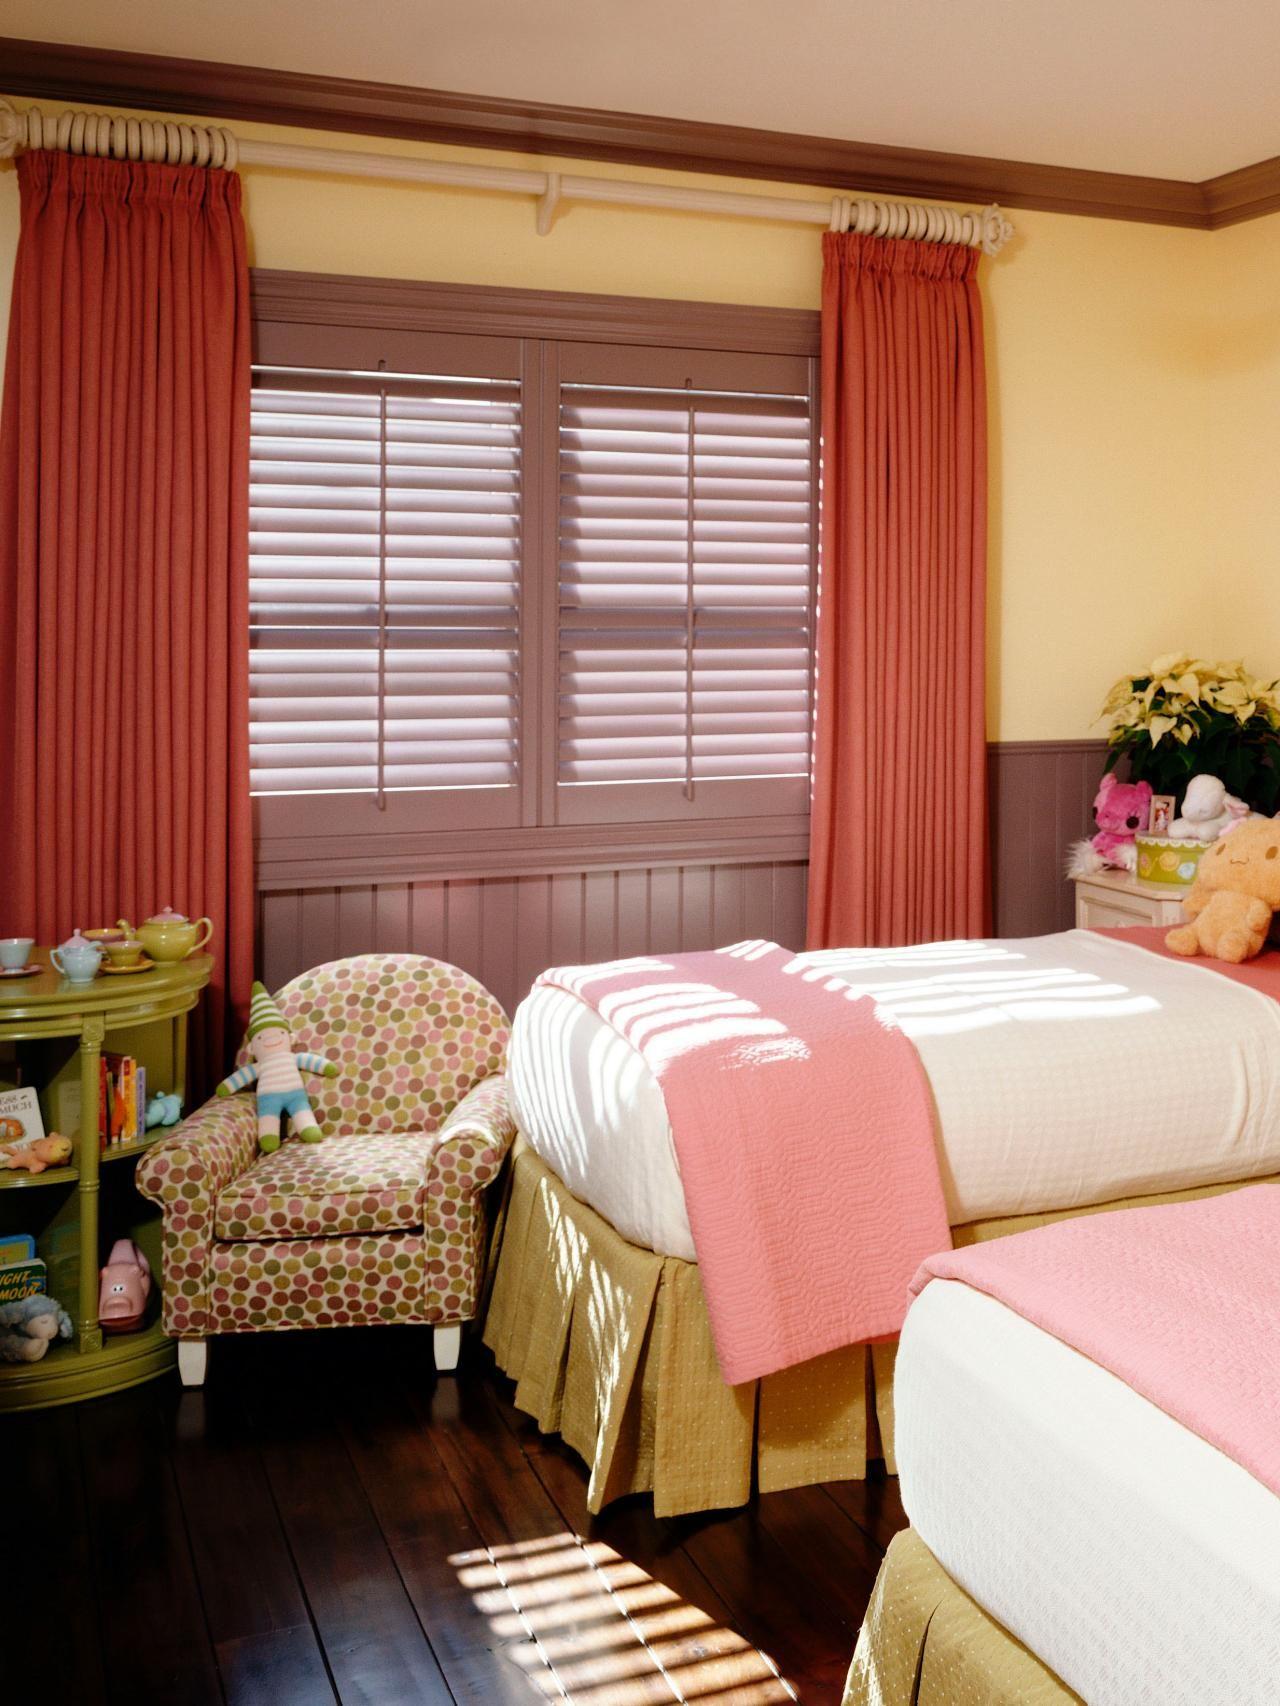 Wohndesign für kleines schlafzimmer lagerung betten für kleine räume  die meisten schlafzimmerstile